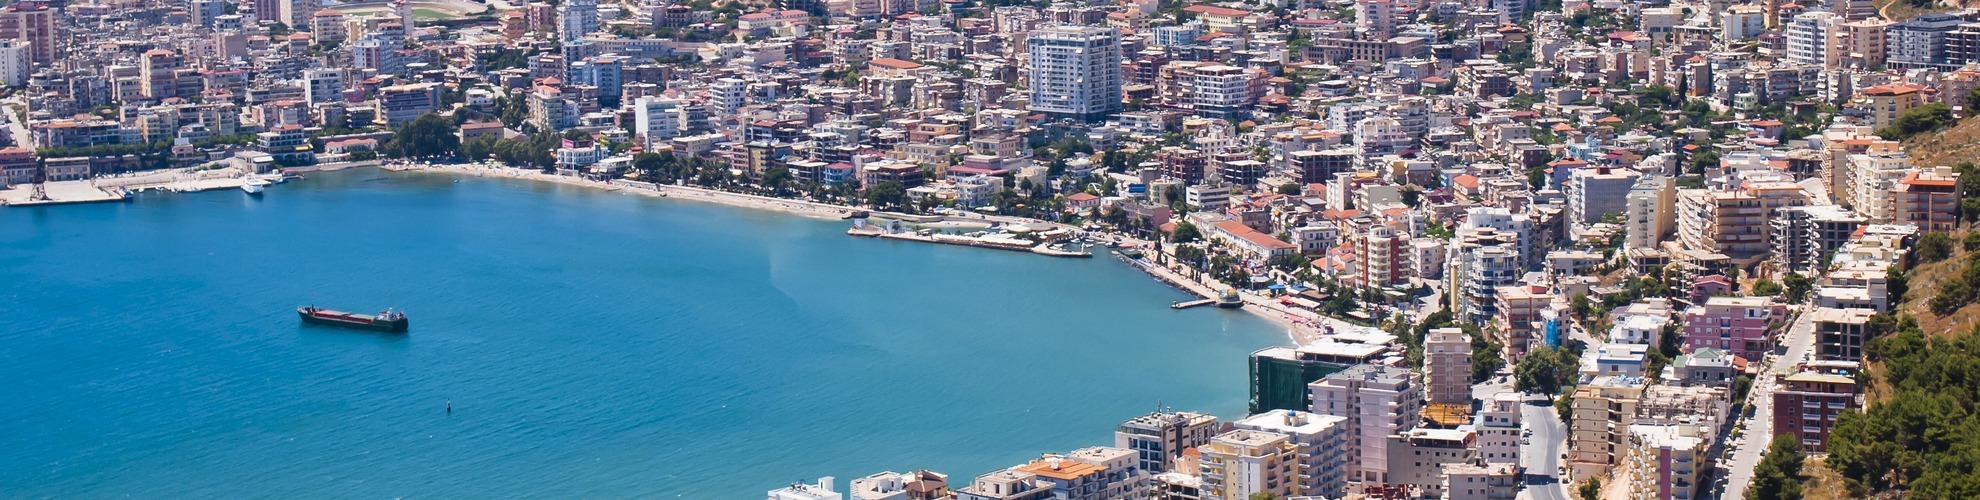 Albania Kartta Kartat Albania Etela Euroopassa Eurooppa